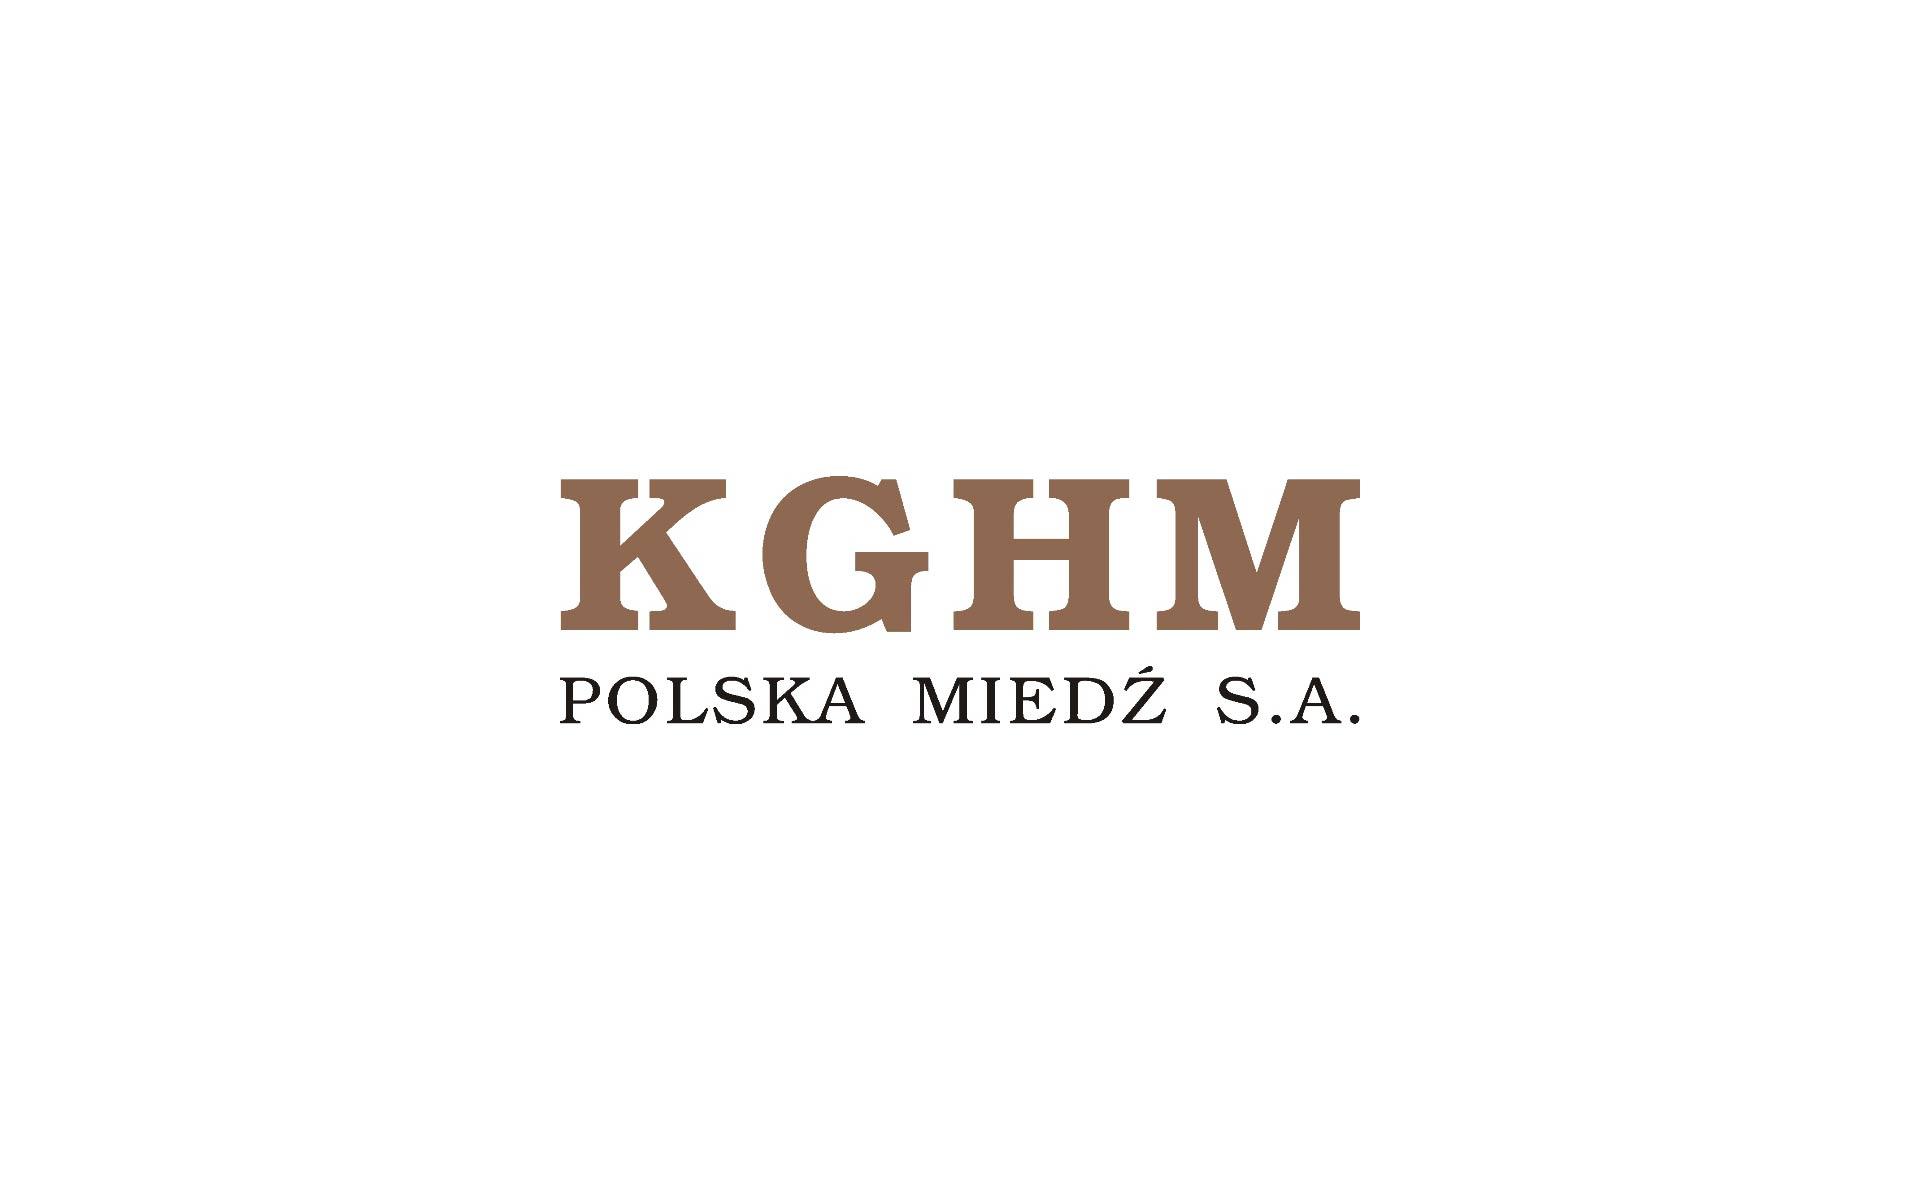 KGHM najbardziej atrakcyjny pracodawca w Polsce!